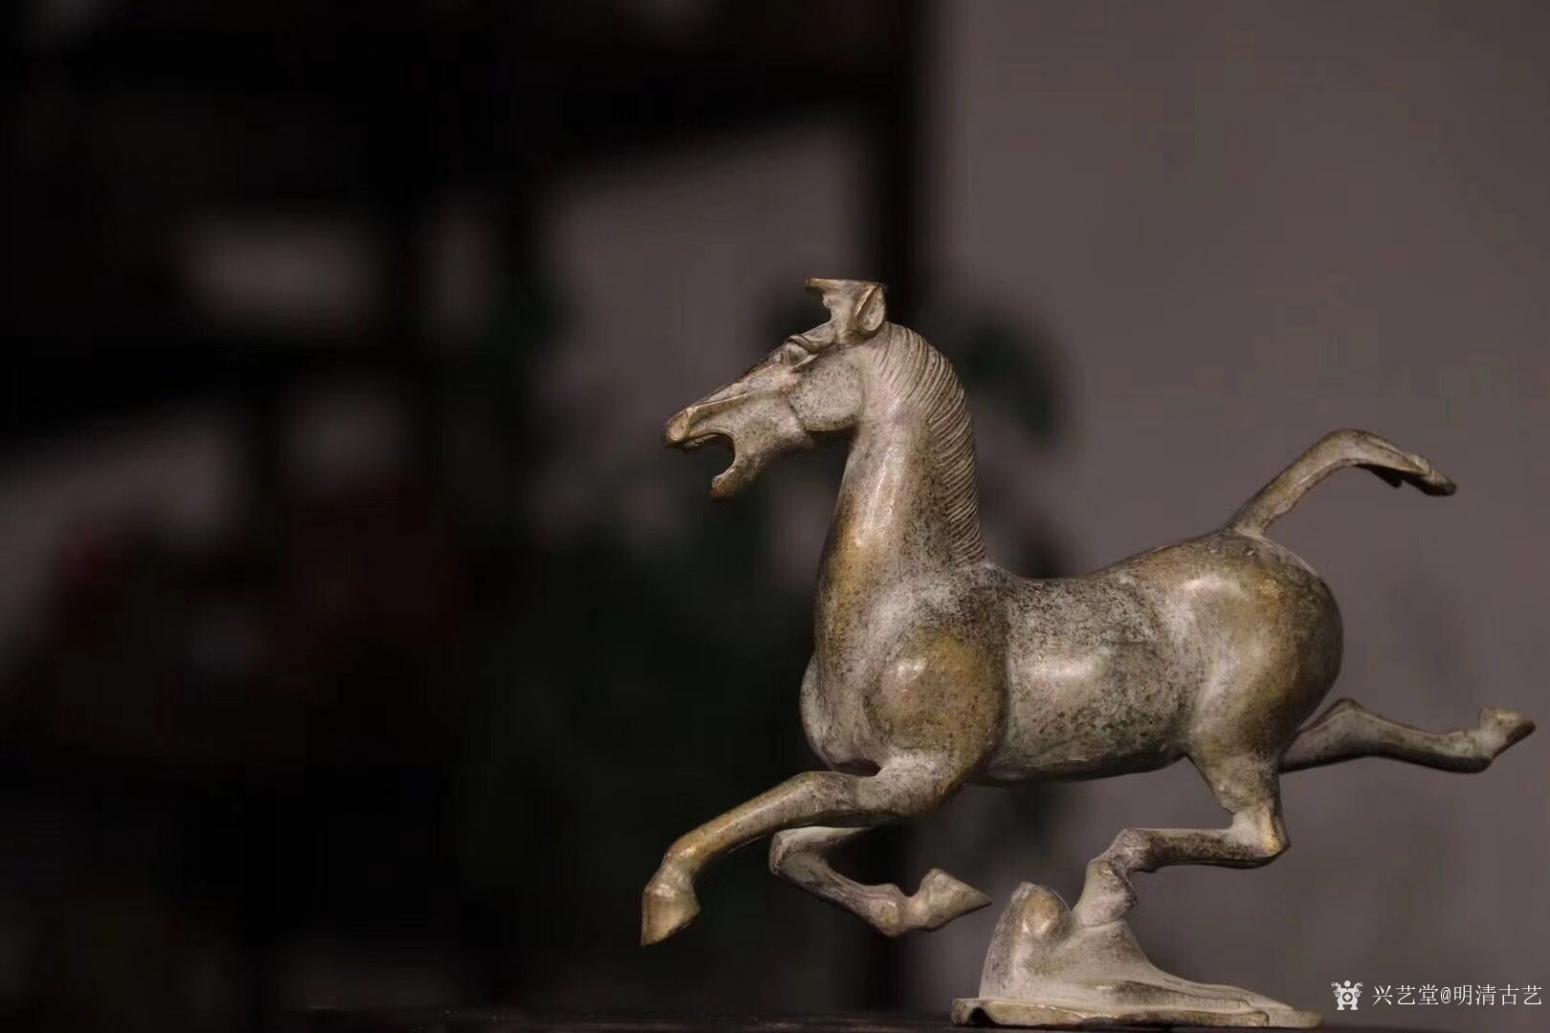 明清古艺雕刻作品《马踏飞燕.铜》【图0】